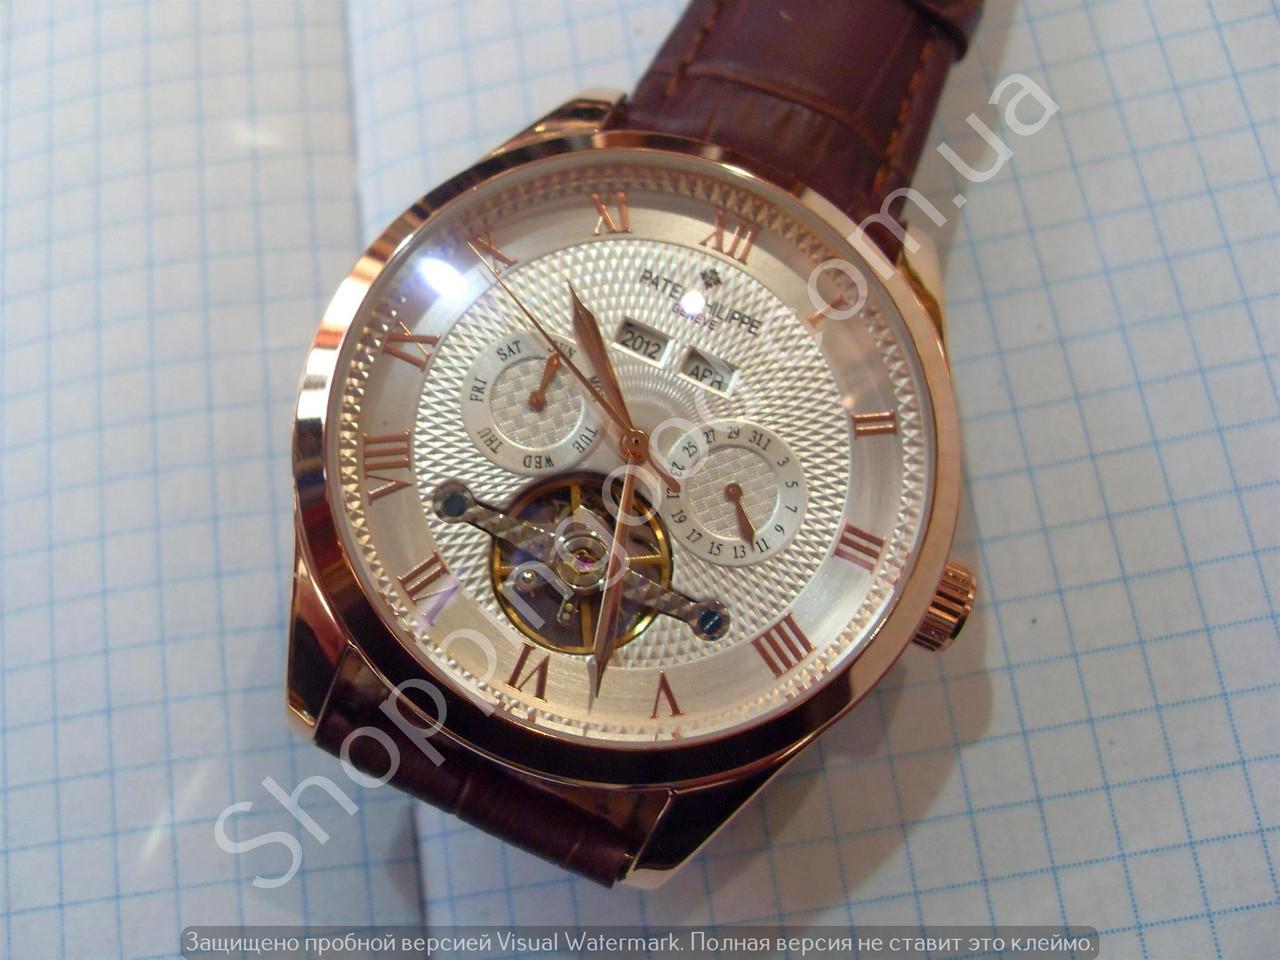 e6bde419 Механические часы Patek Philippe 093 скелетон с автоподзаводом золотистые  на белом циферблате копия